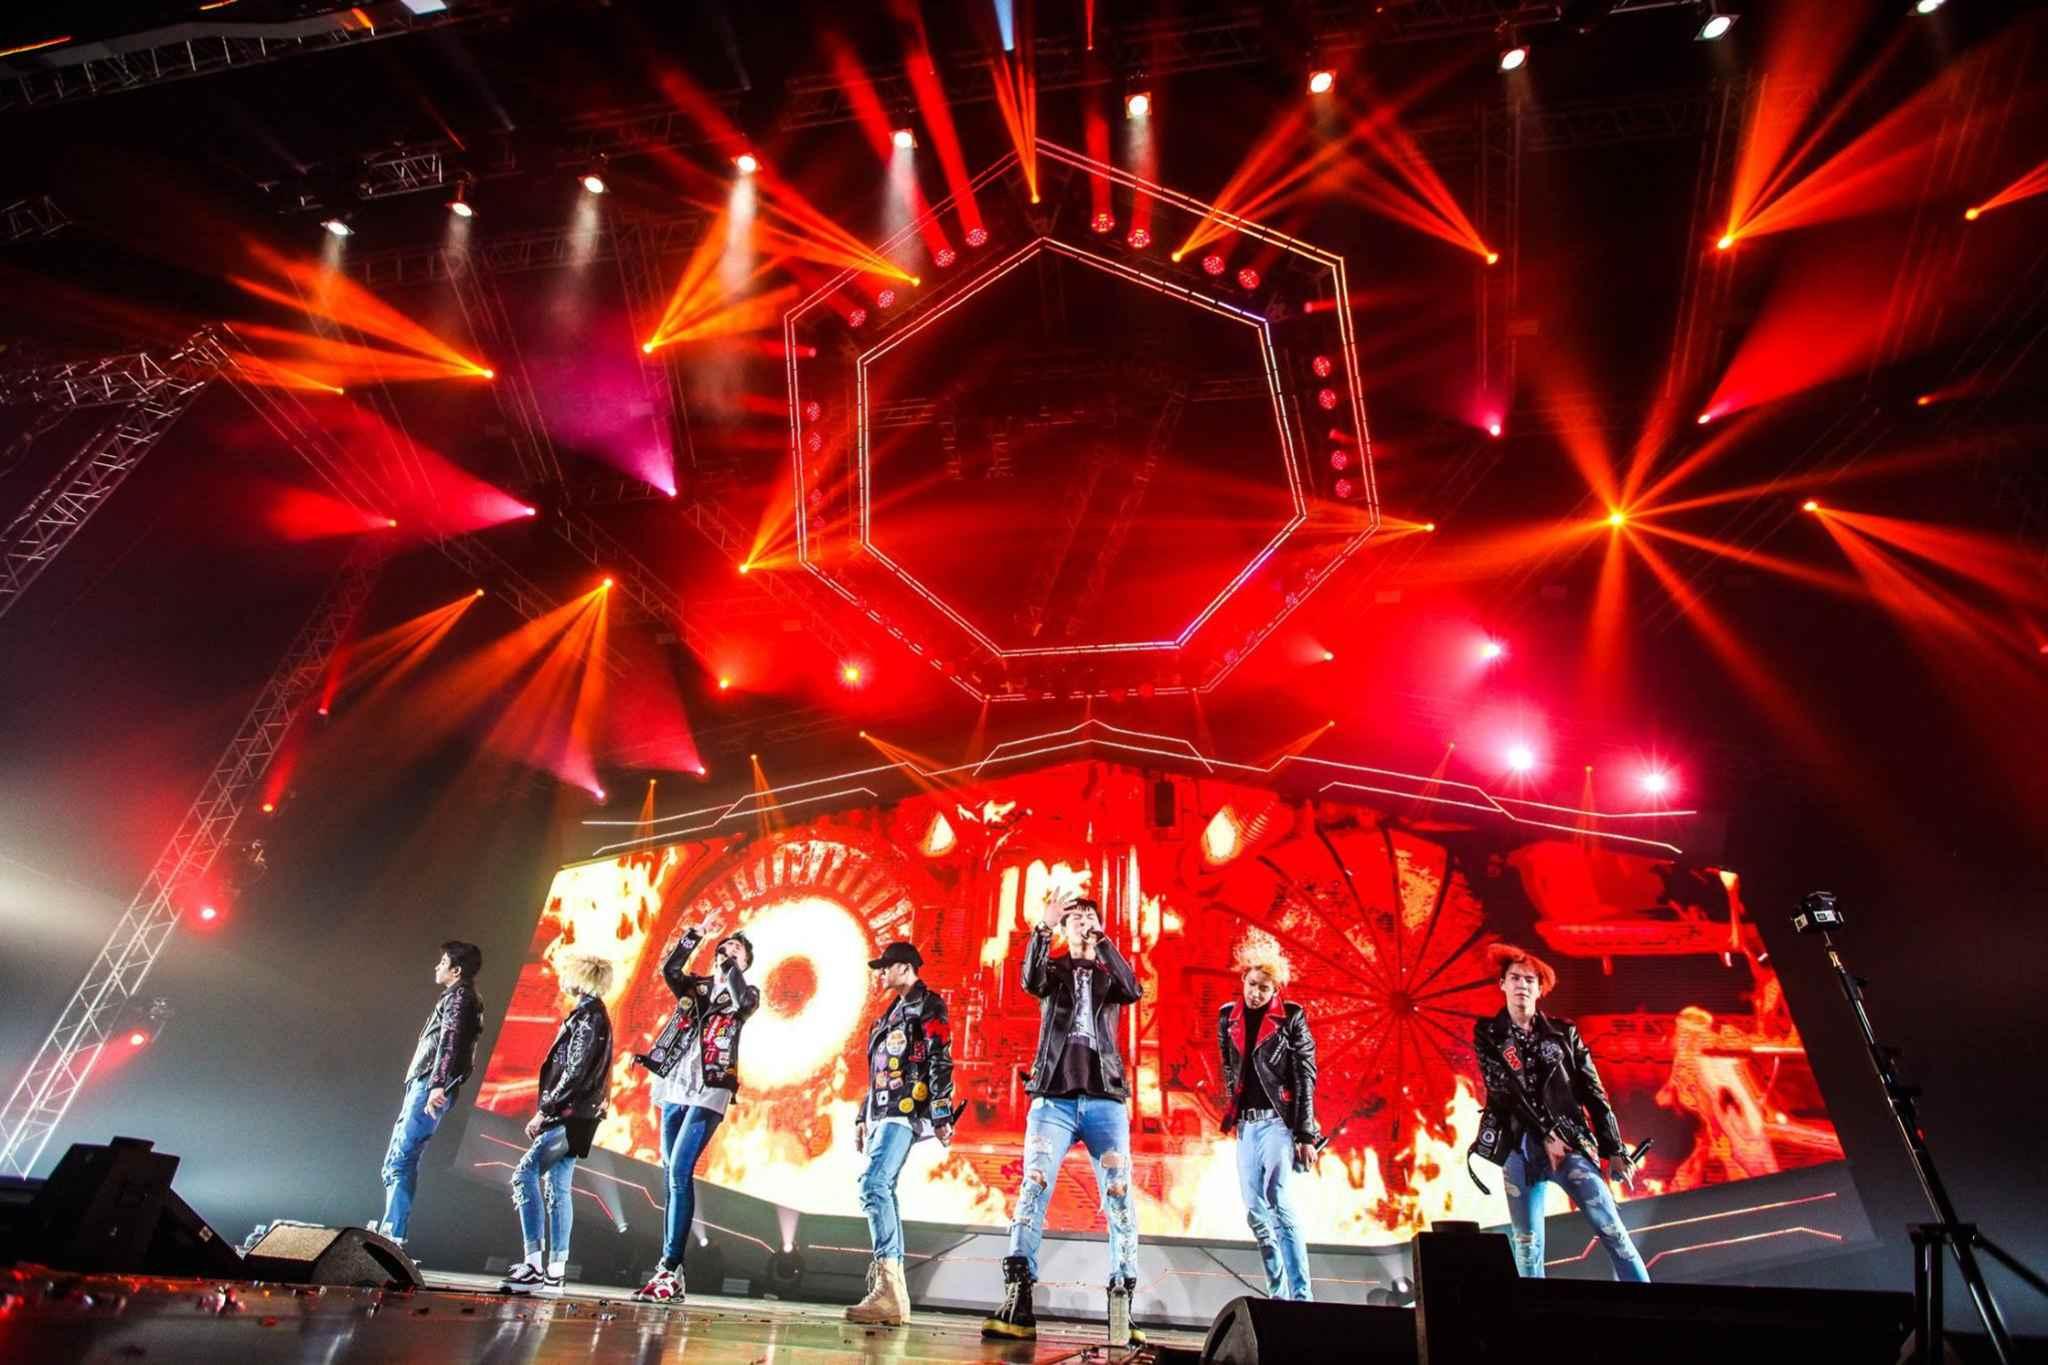 光看銷量就知道GOT7在韓國人氣有多旺,所以雖然下半年度沒有出片計劃,但GOT7依舊沒有閒下來,日前在泰國、廣州等地接連展開單獨演唱會,據說票也是光速售光!不難感受到GOT7在海內外的魅力~